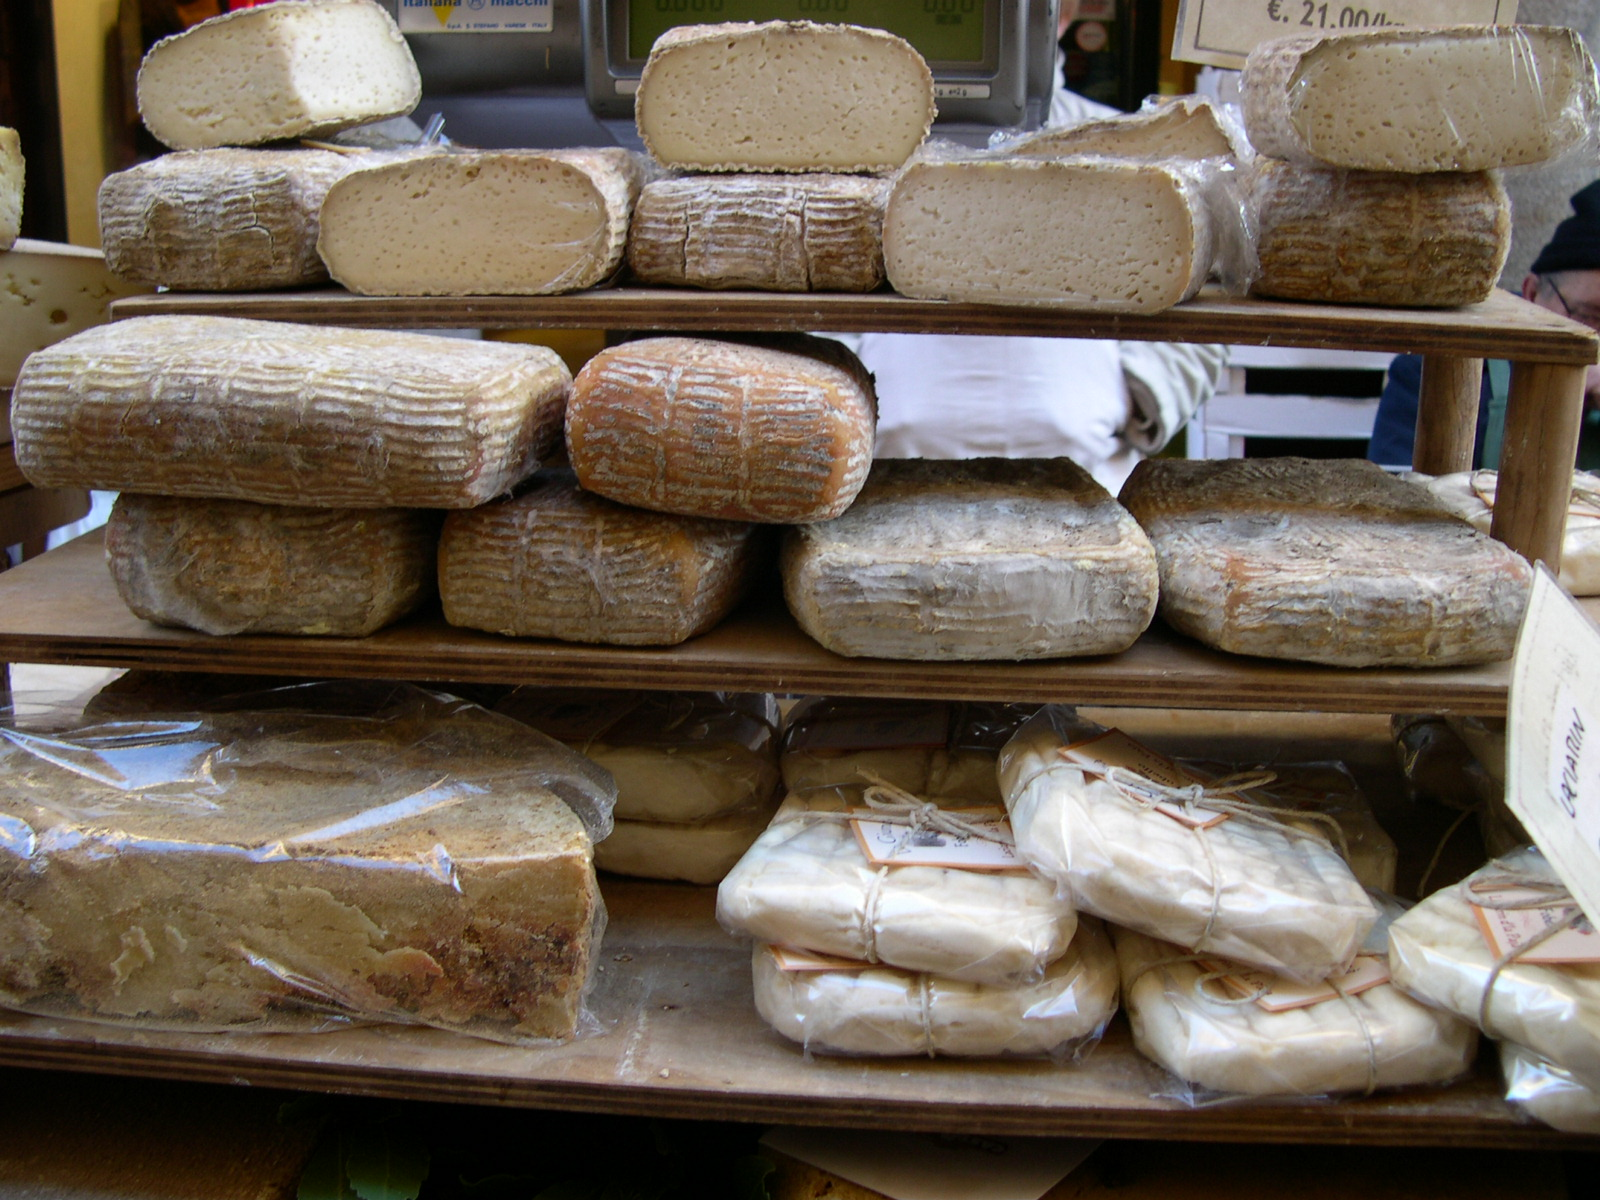 Risultati immagini per Foto produzione formaggi italiani